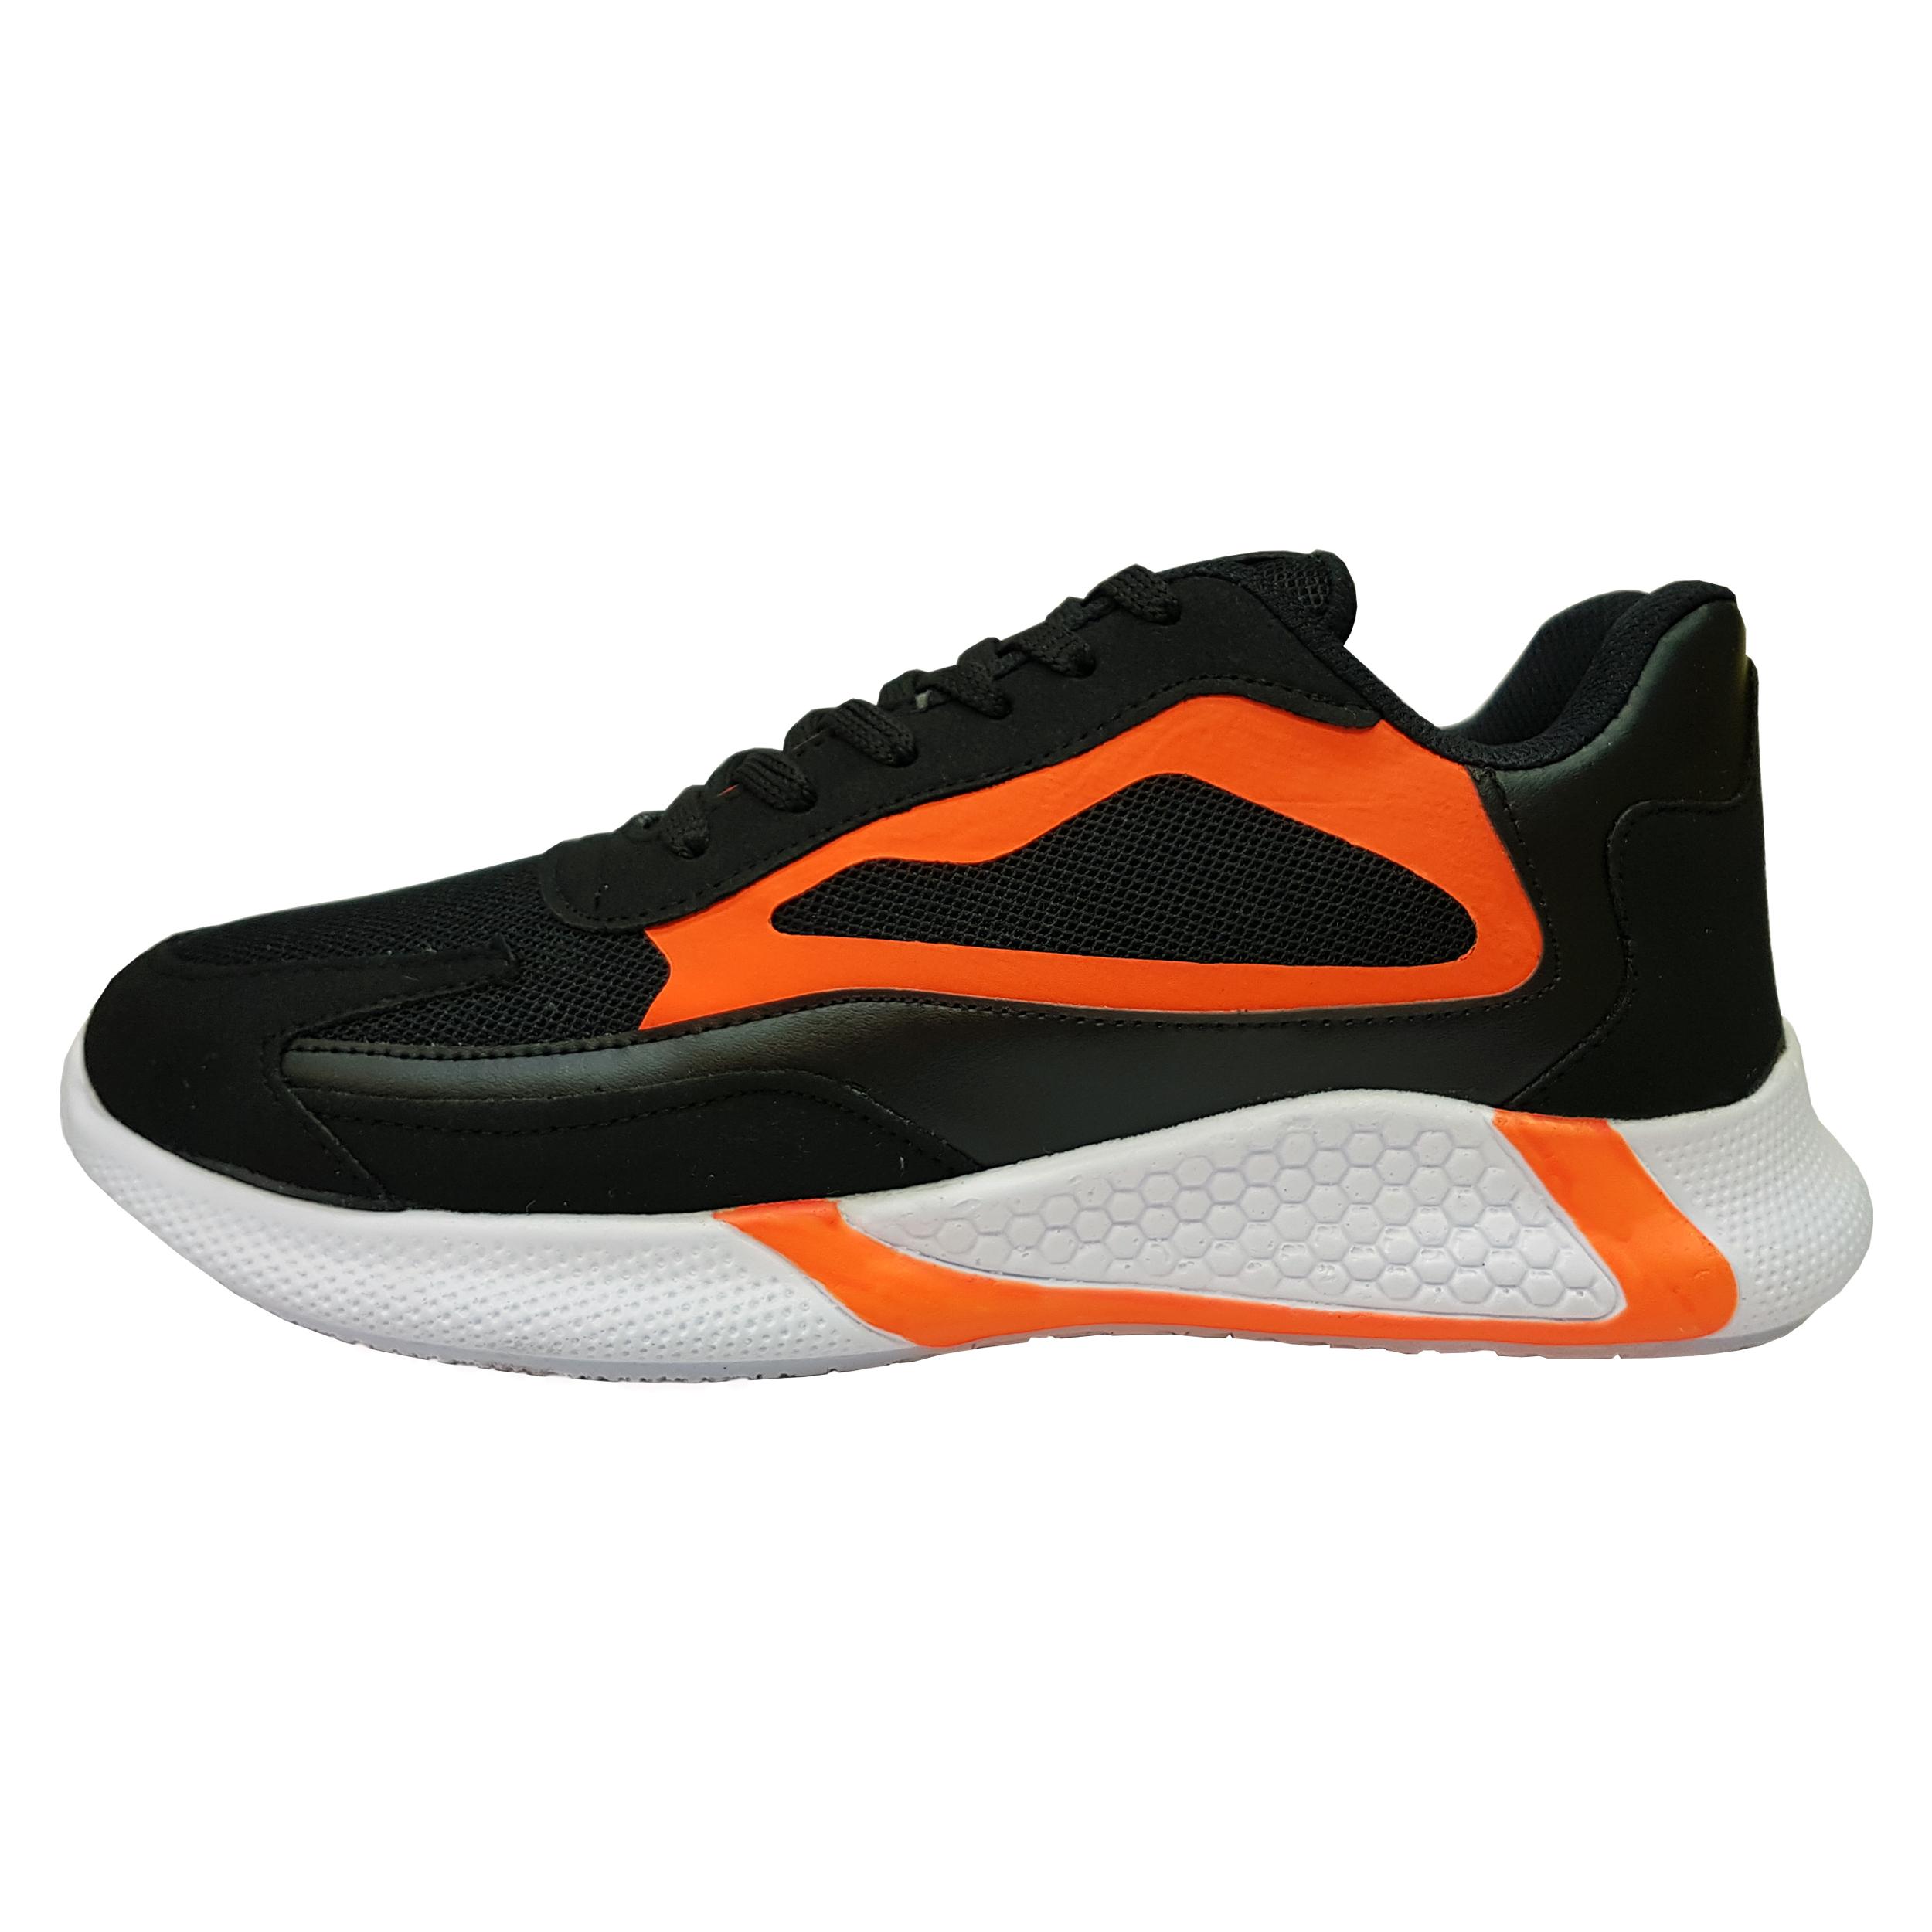 خرید                      کفش  پیاده روی مردانه مدل Alfa2020 کد 0102